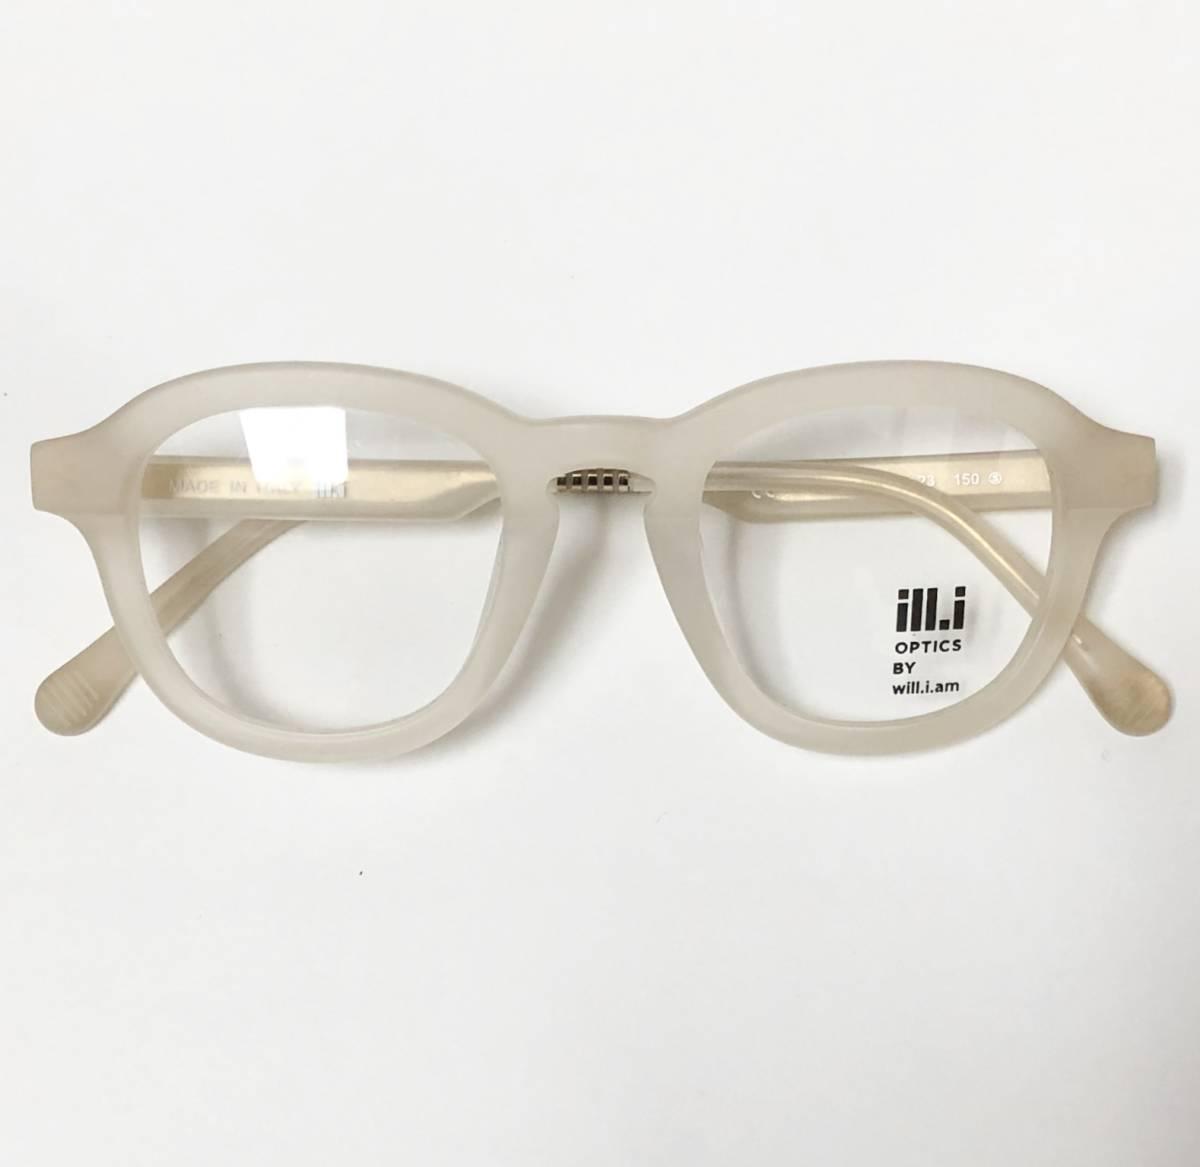 65%OFF 定価68,900円 Will.i.am 正規新品 極太メガネ 白透明メガネ イタリア製 ウィルアイアム 米国ブランド_画像1